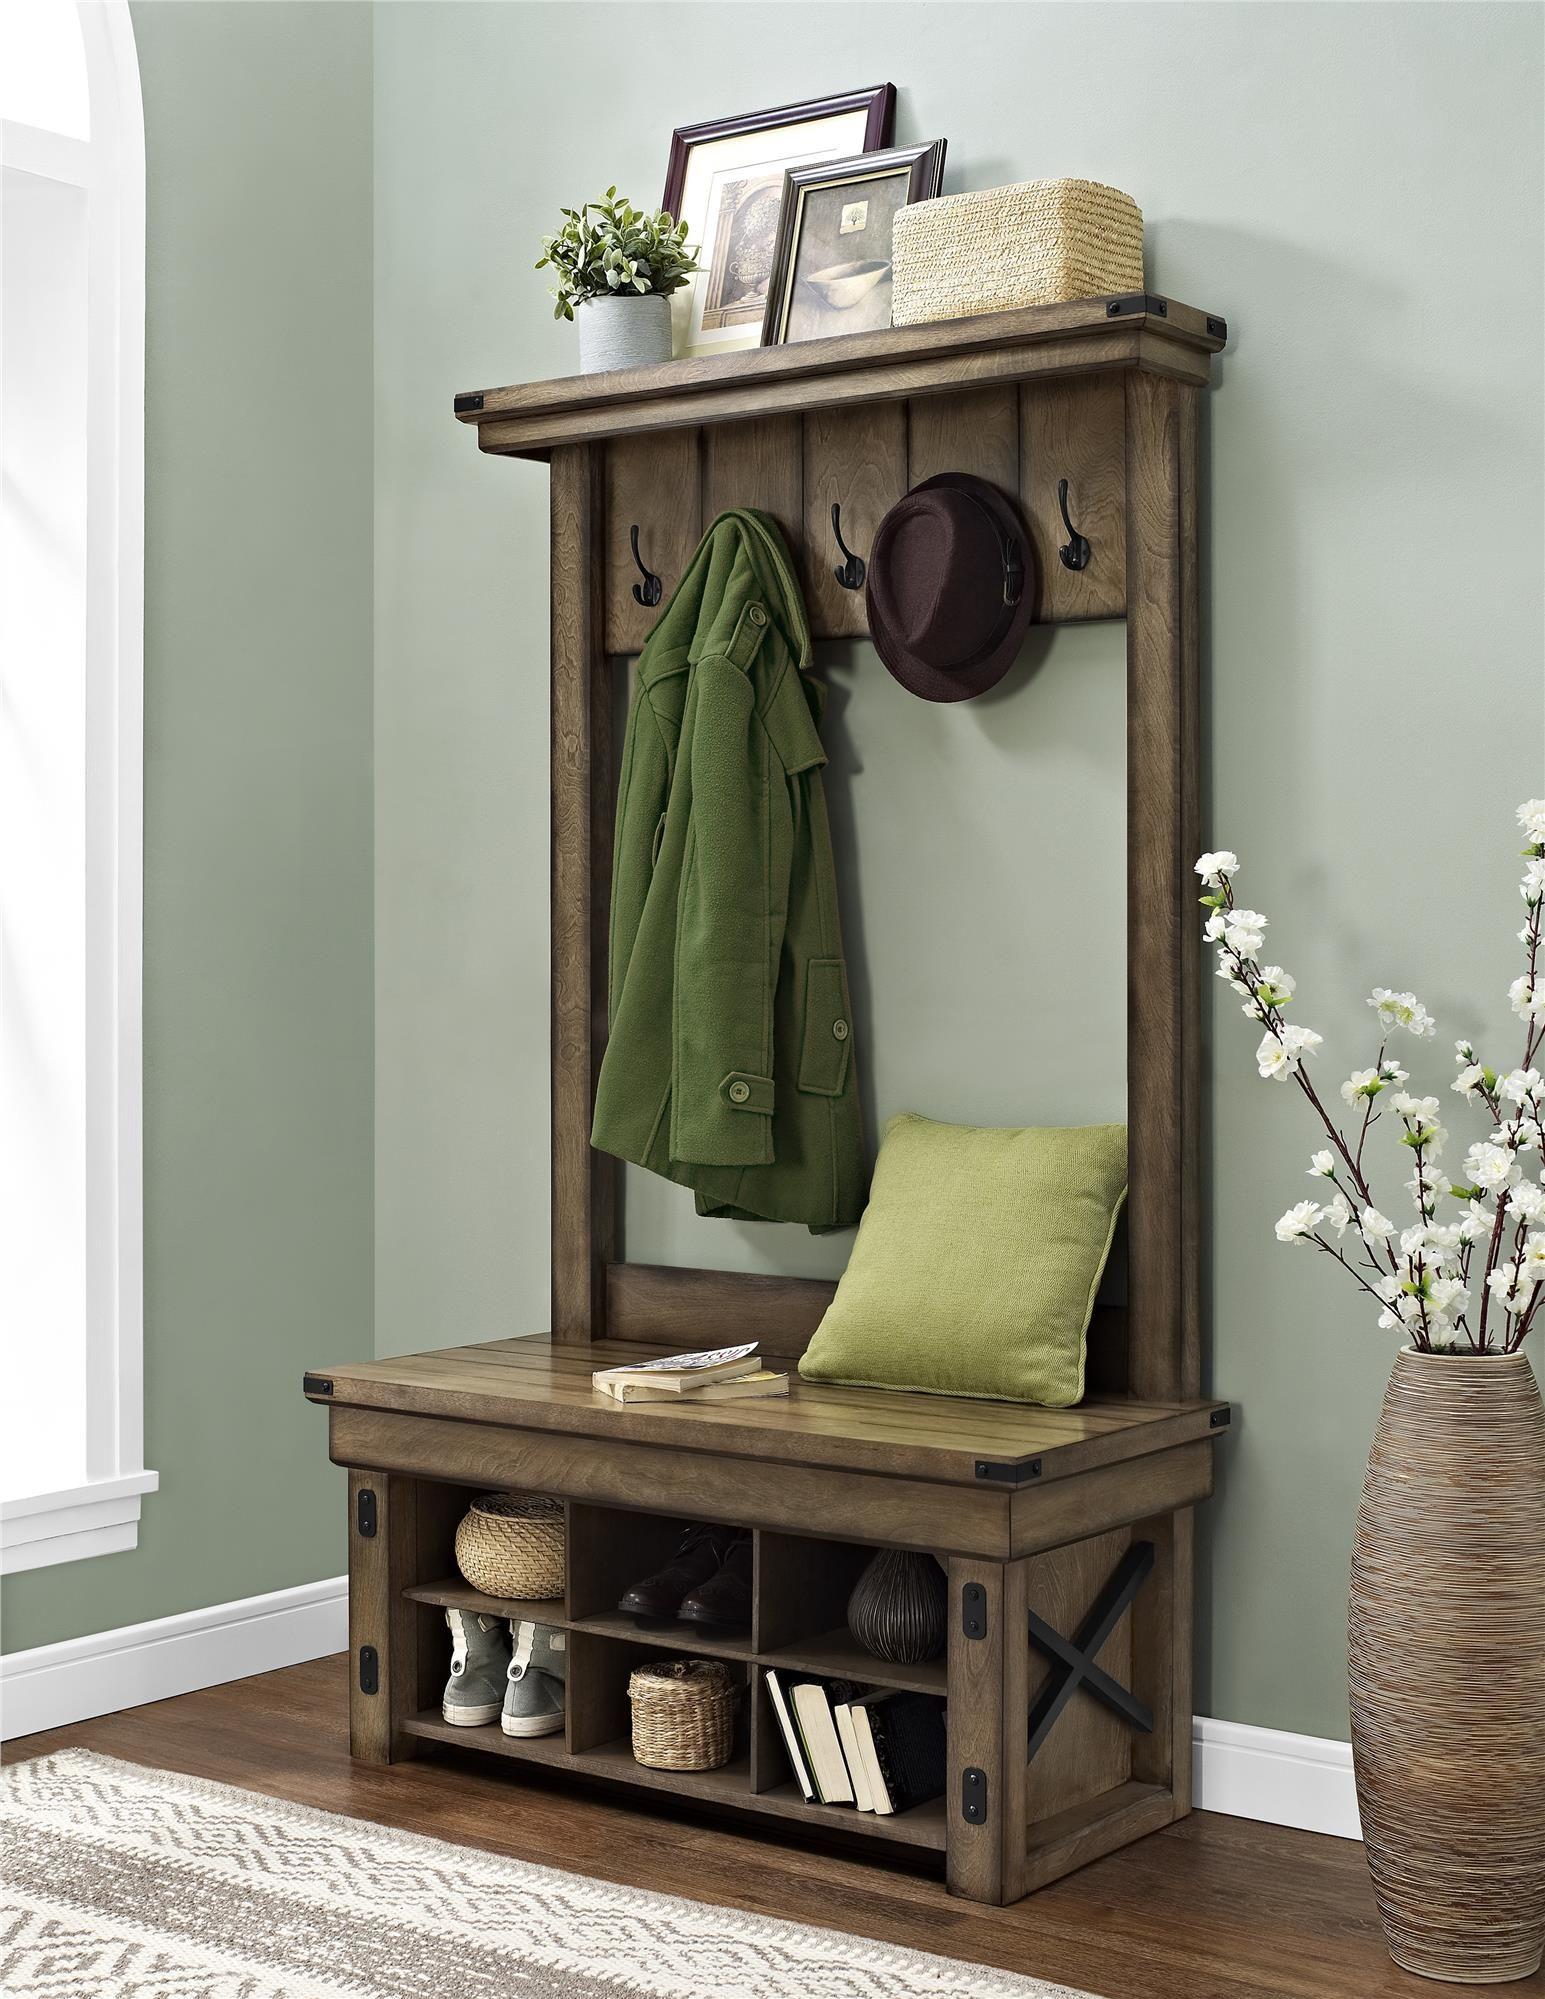 Ameriwood Furniture Wildwood Wood Veneer Entryway Hall Tree With Storage Bench Rustic Gray Oak